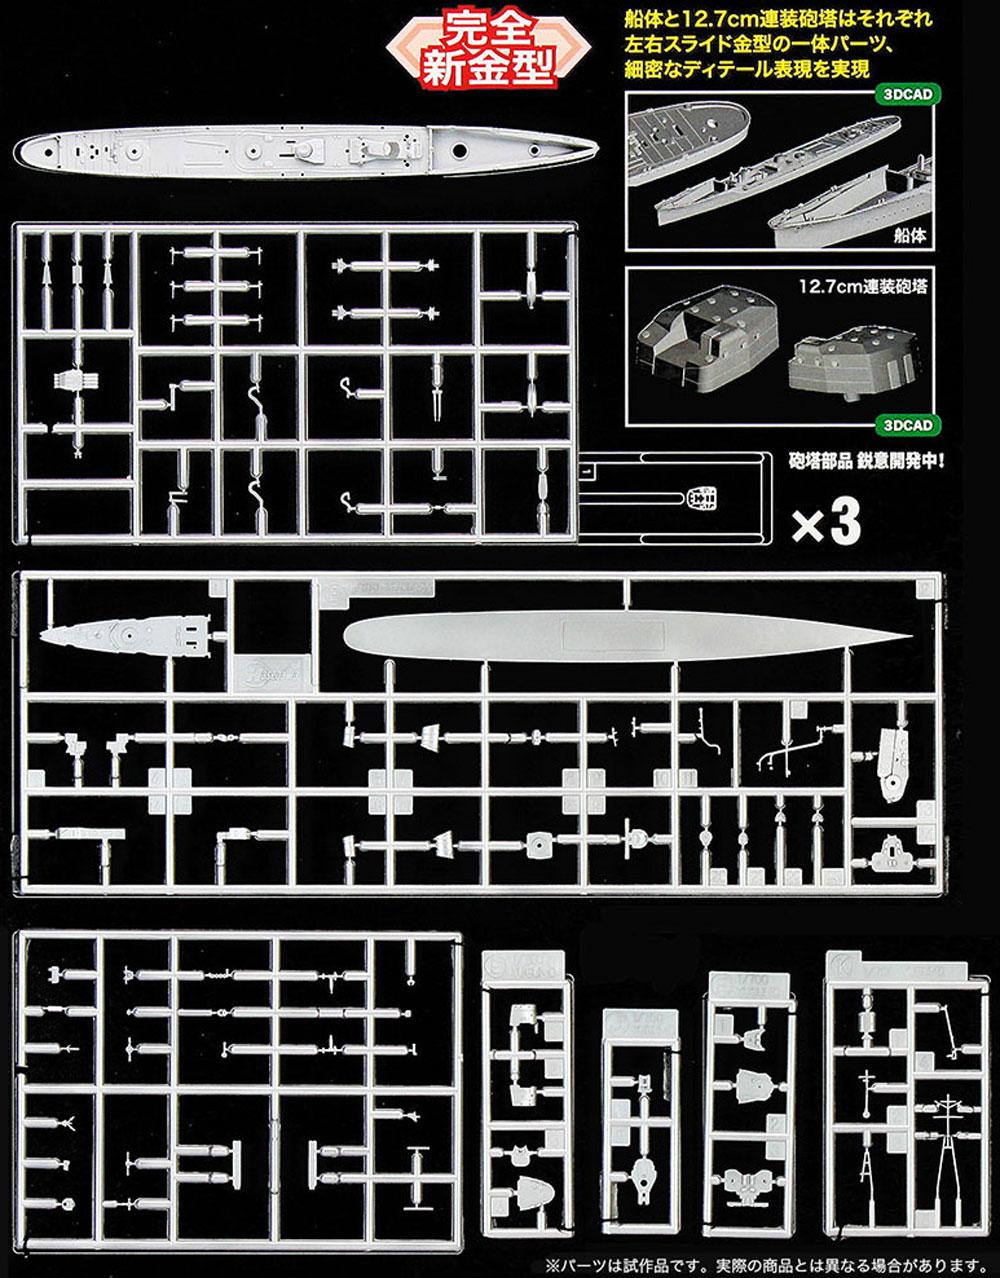 日本駆逐艦 早波プラモデル(ハセガワ1/700 ウォーターラインシリーズNo.462)商品画像_3